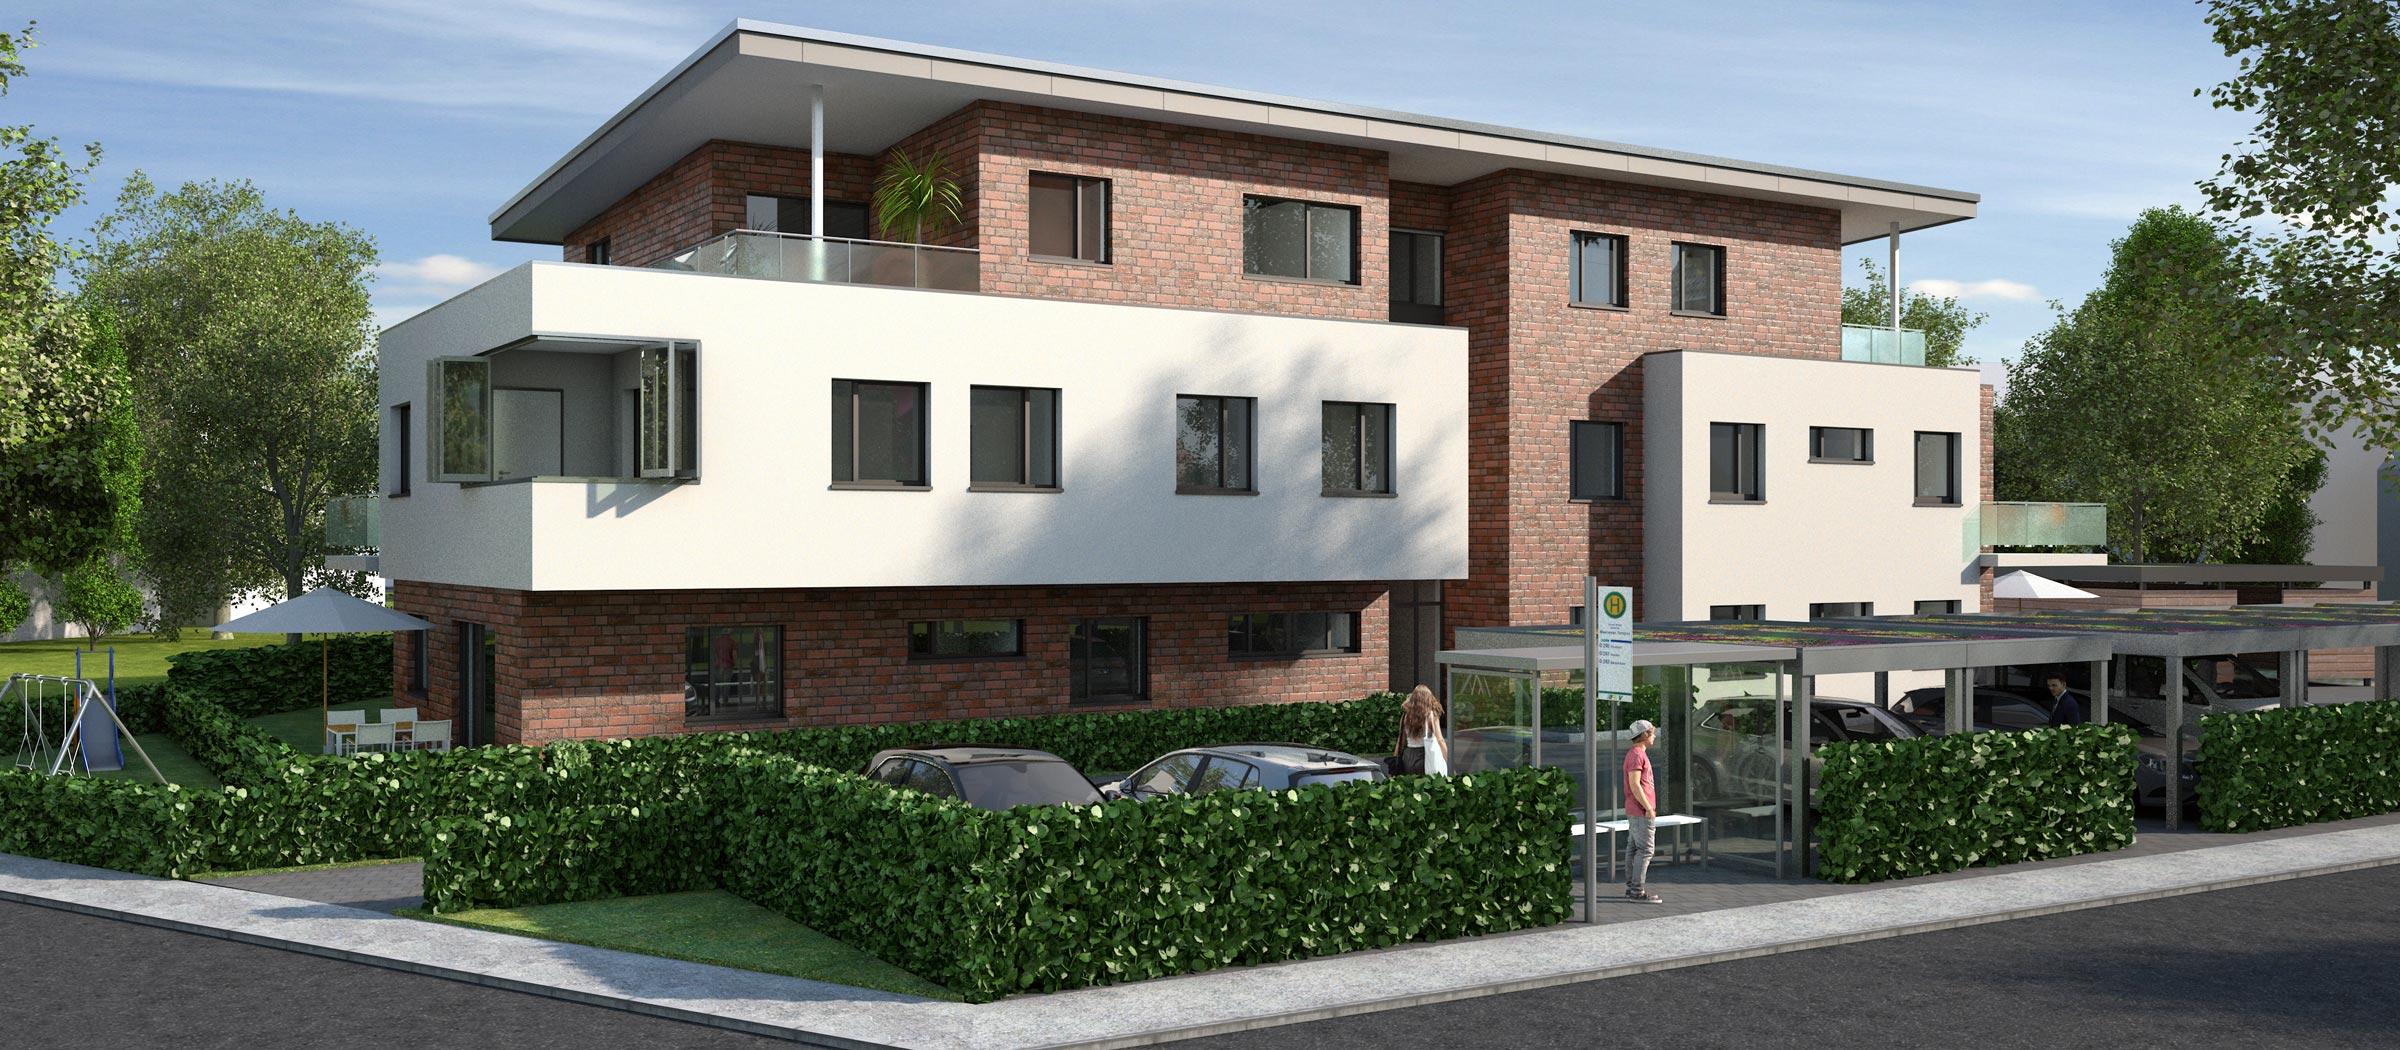 Neubau-Mietwohnungen in Harderberg